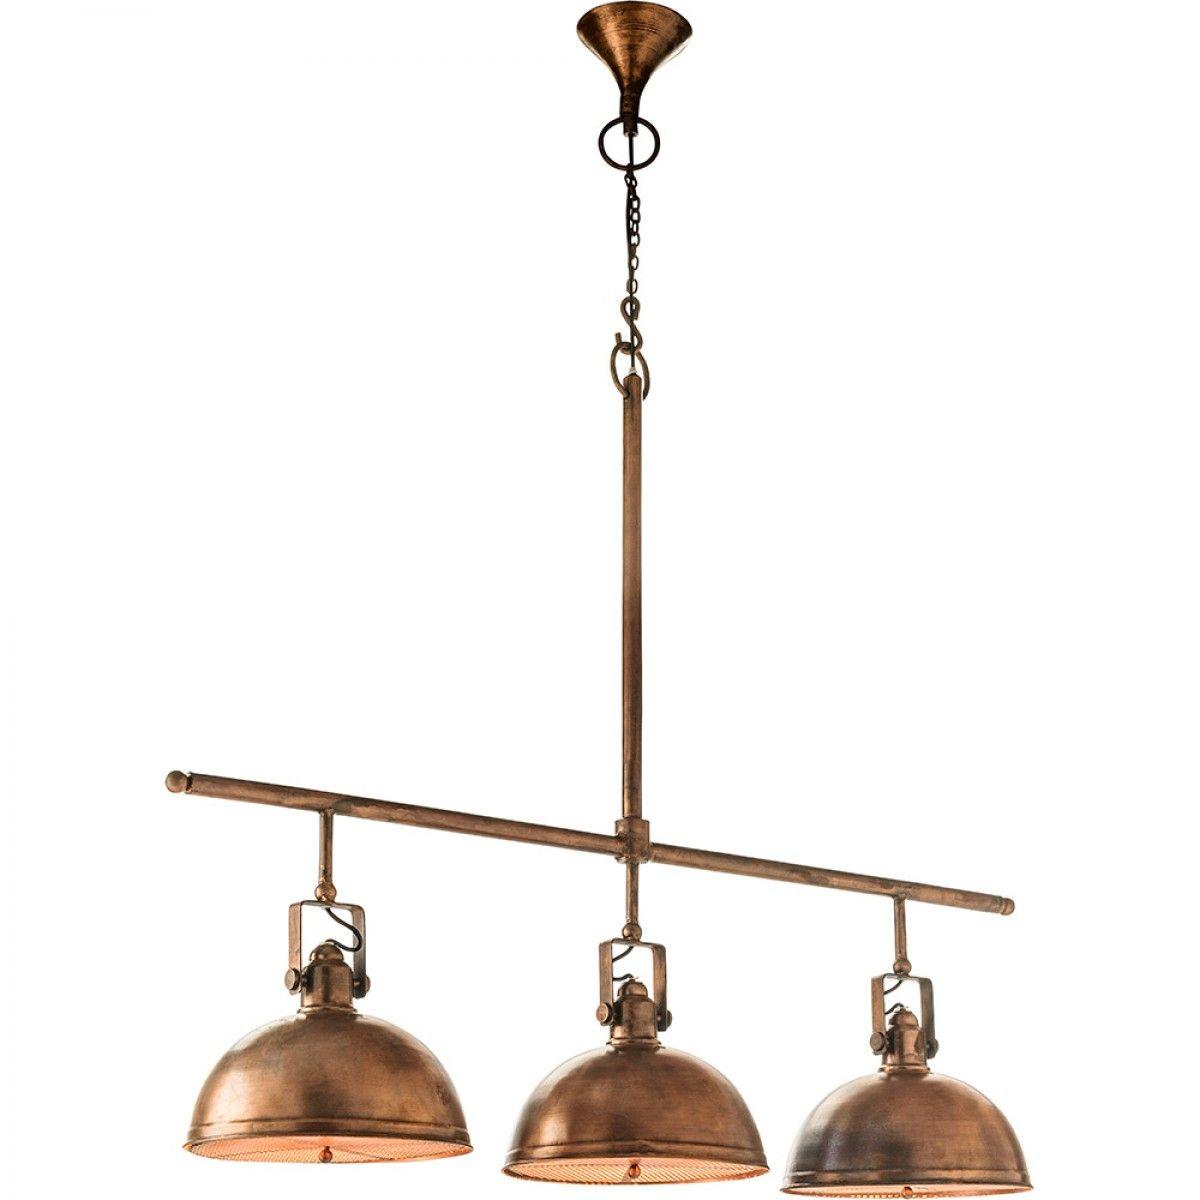 3 Light Retro Servery Antique Copper Finish Copper Pendant Lights Pendant Light Breakfast Bar Lighting